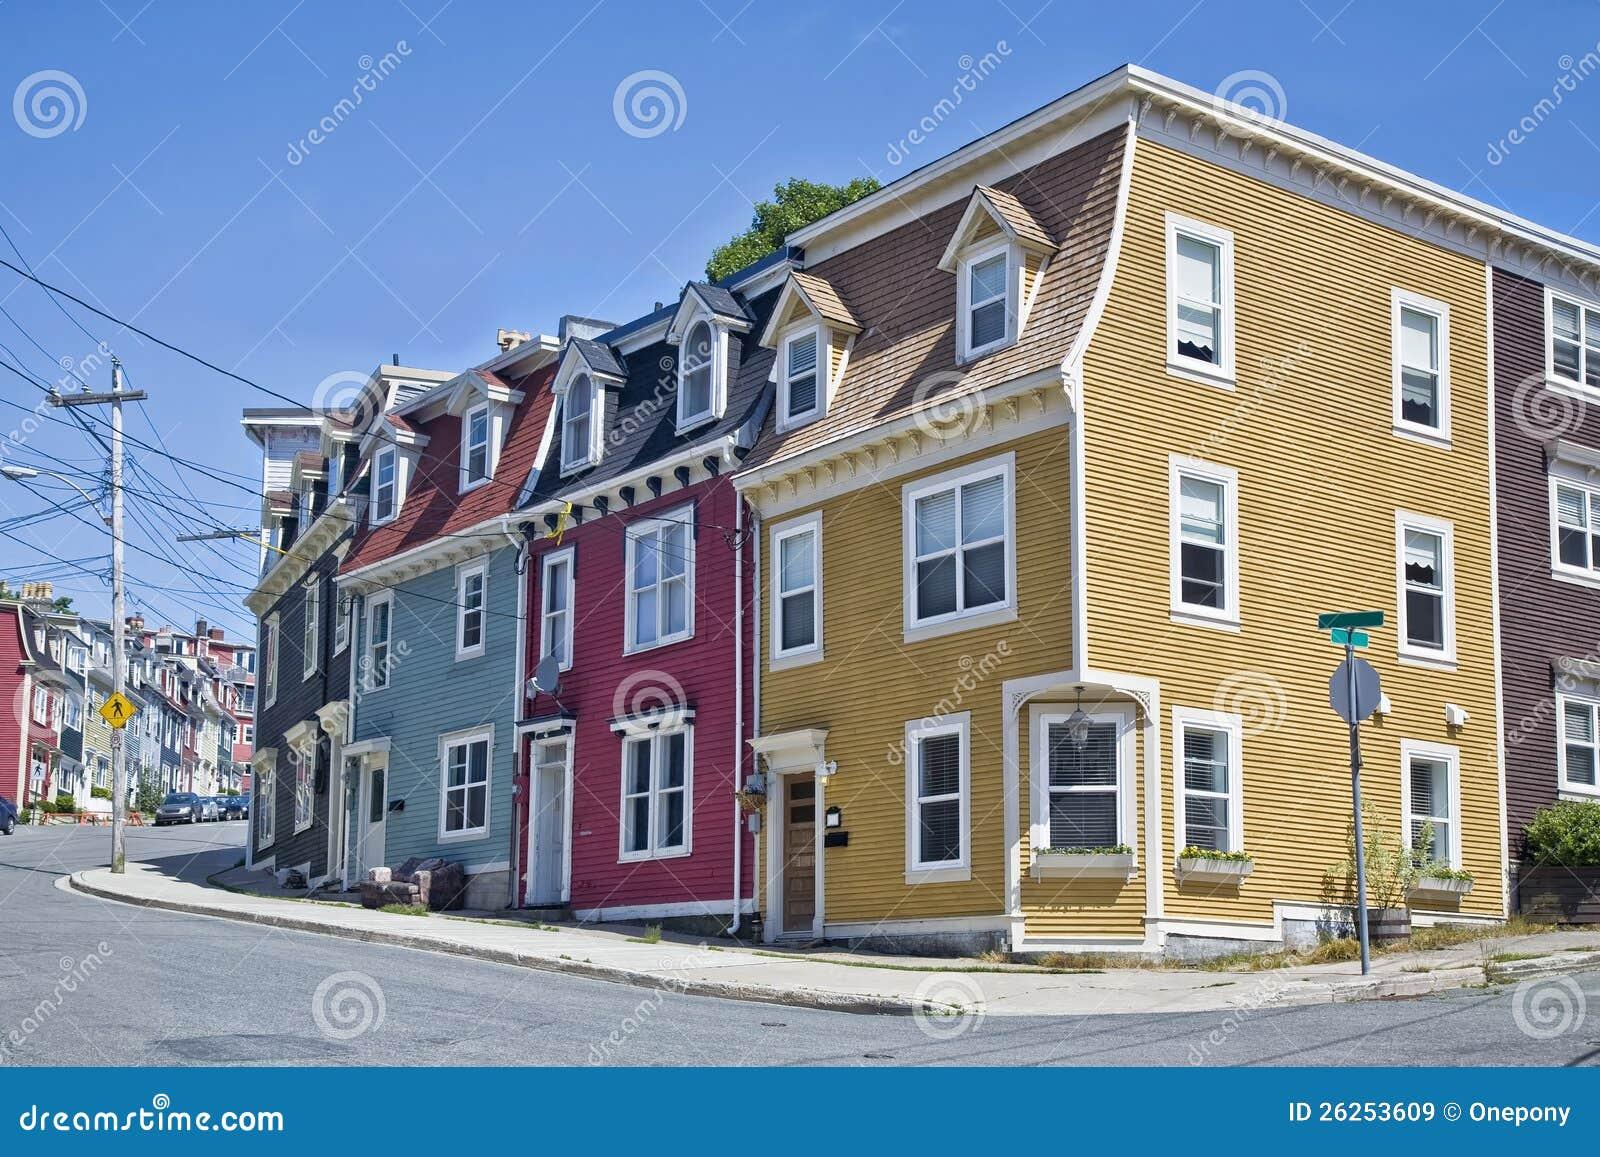 Newfoundland Houses Royalty Free Stock Images Image